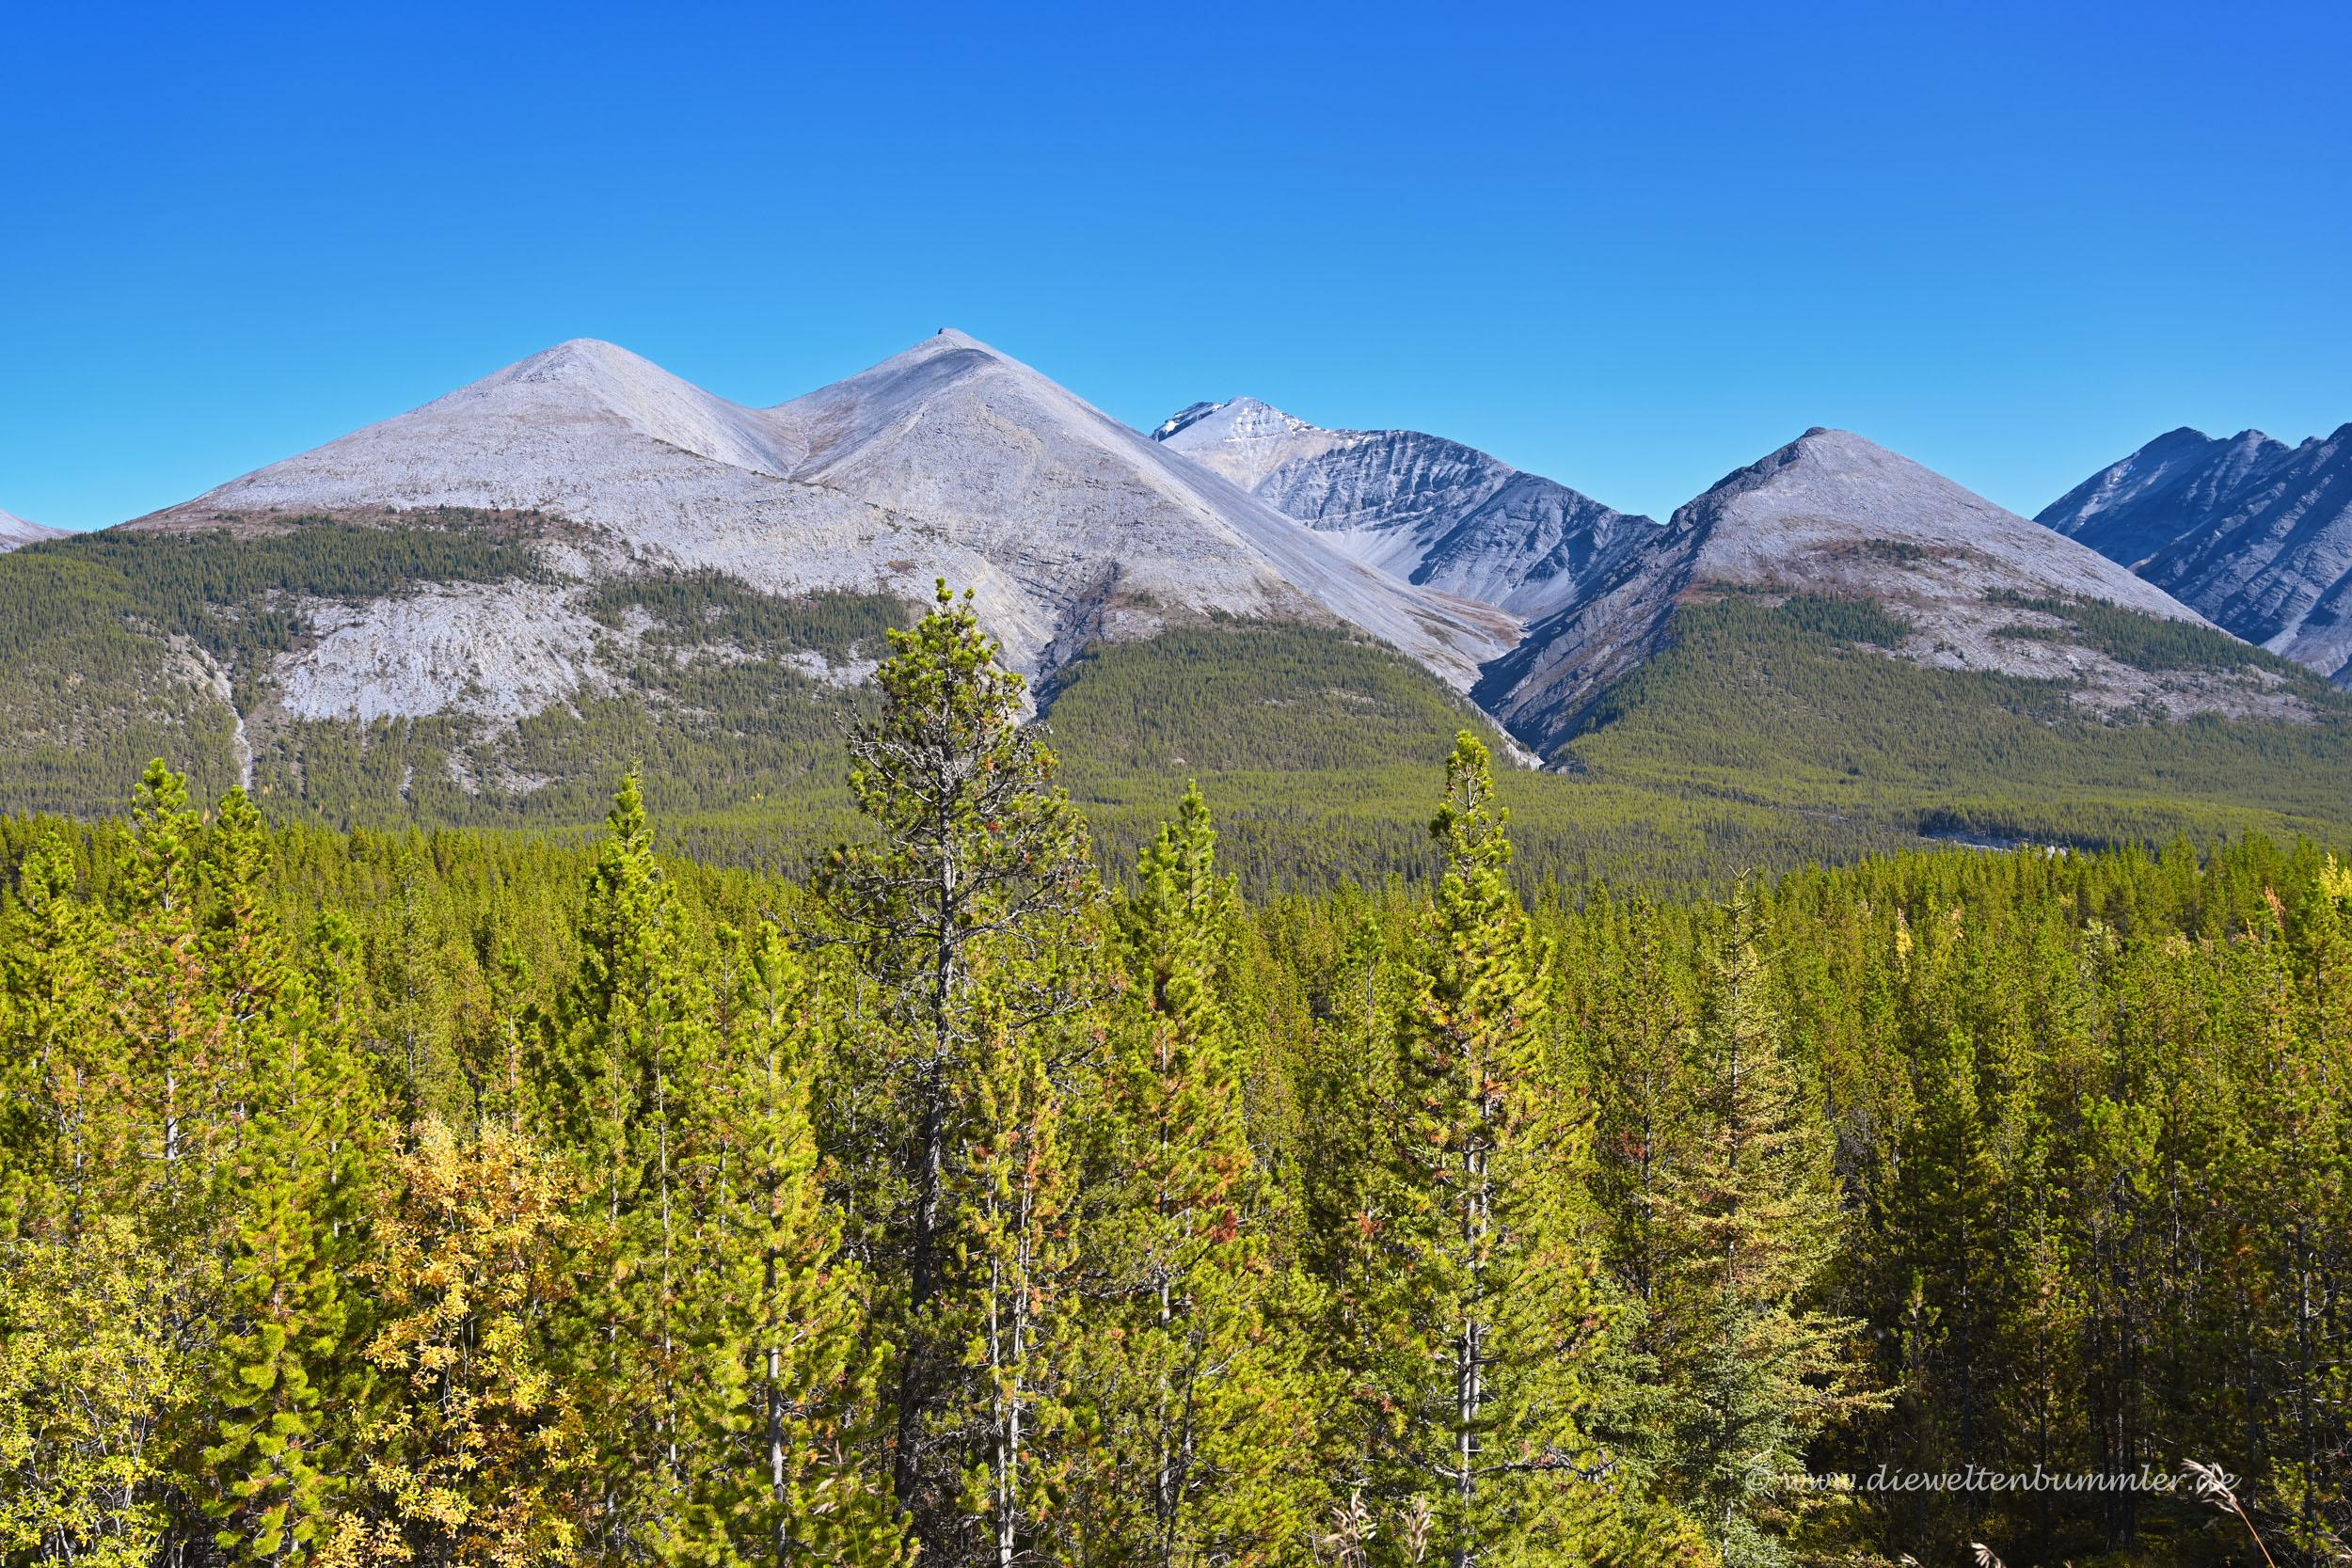 Gipfel der Northen Rockies